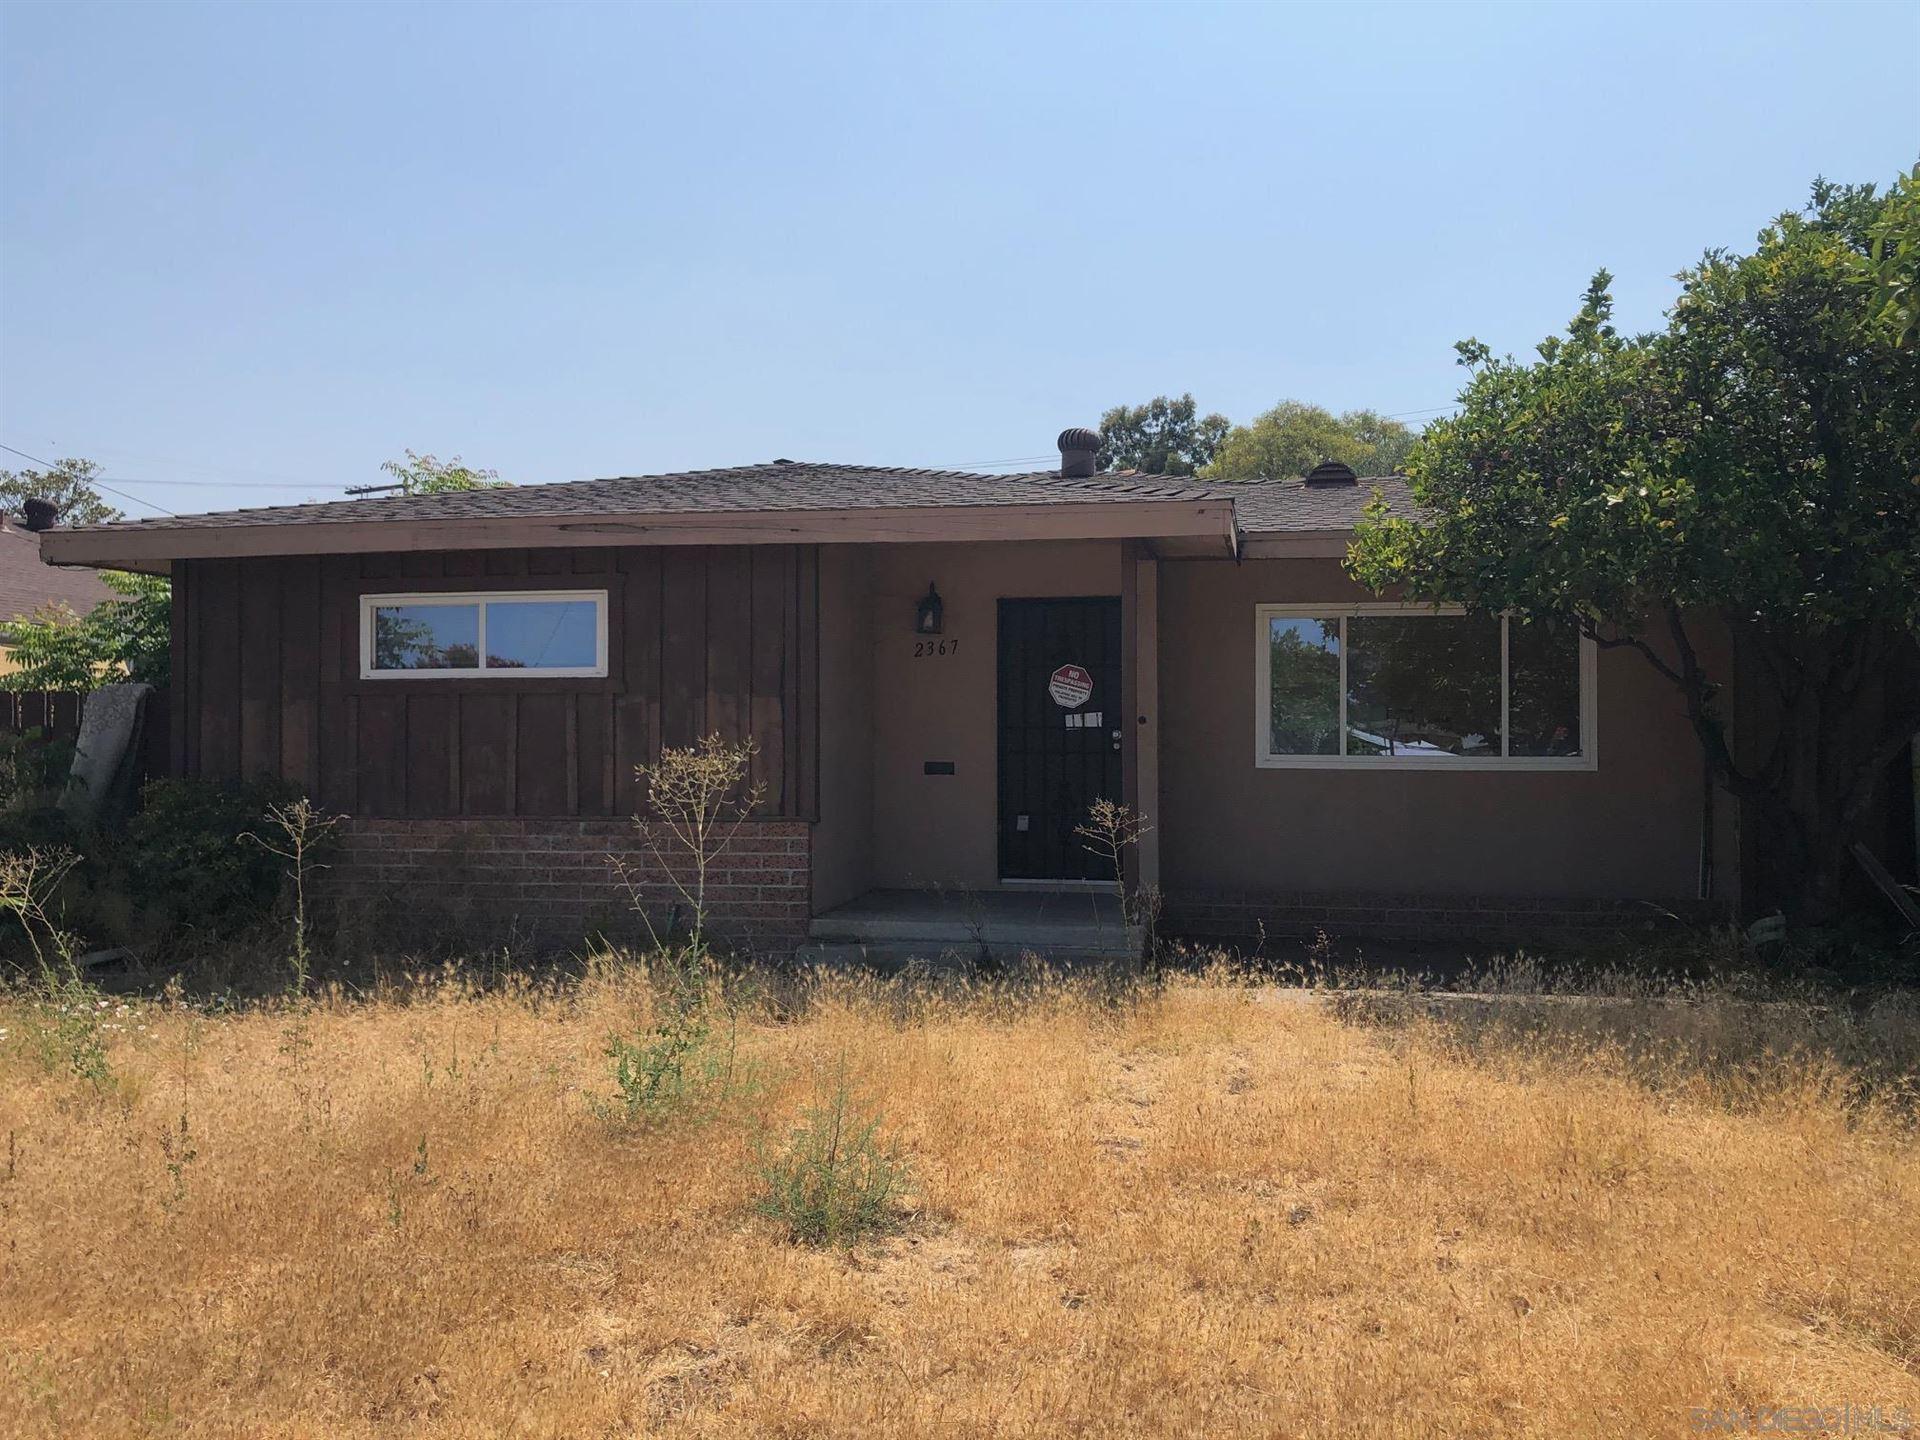 2367 Golden Ave, Lemon Grove, CA 91945 - MLS#: 210020195